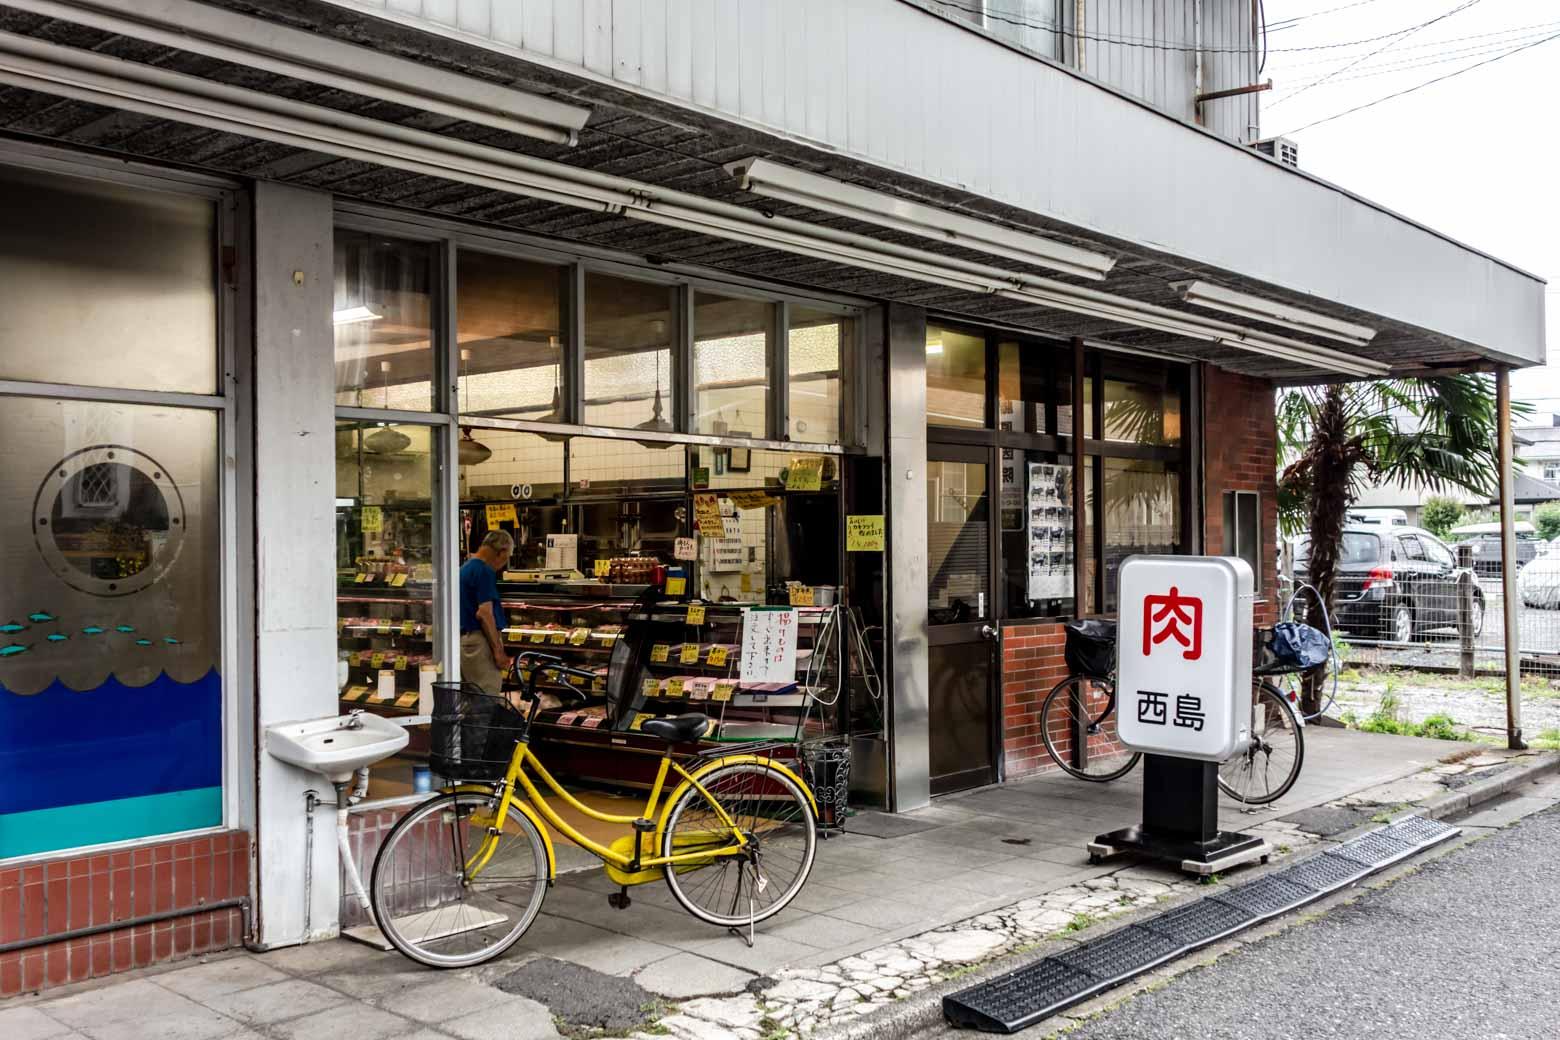 そんなとき、非常にいい感じの精肉店を発見。ここでなにか買って、食べ歩きでもしようかな……。